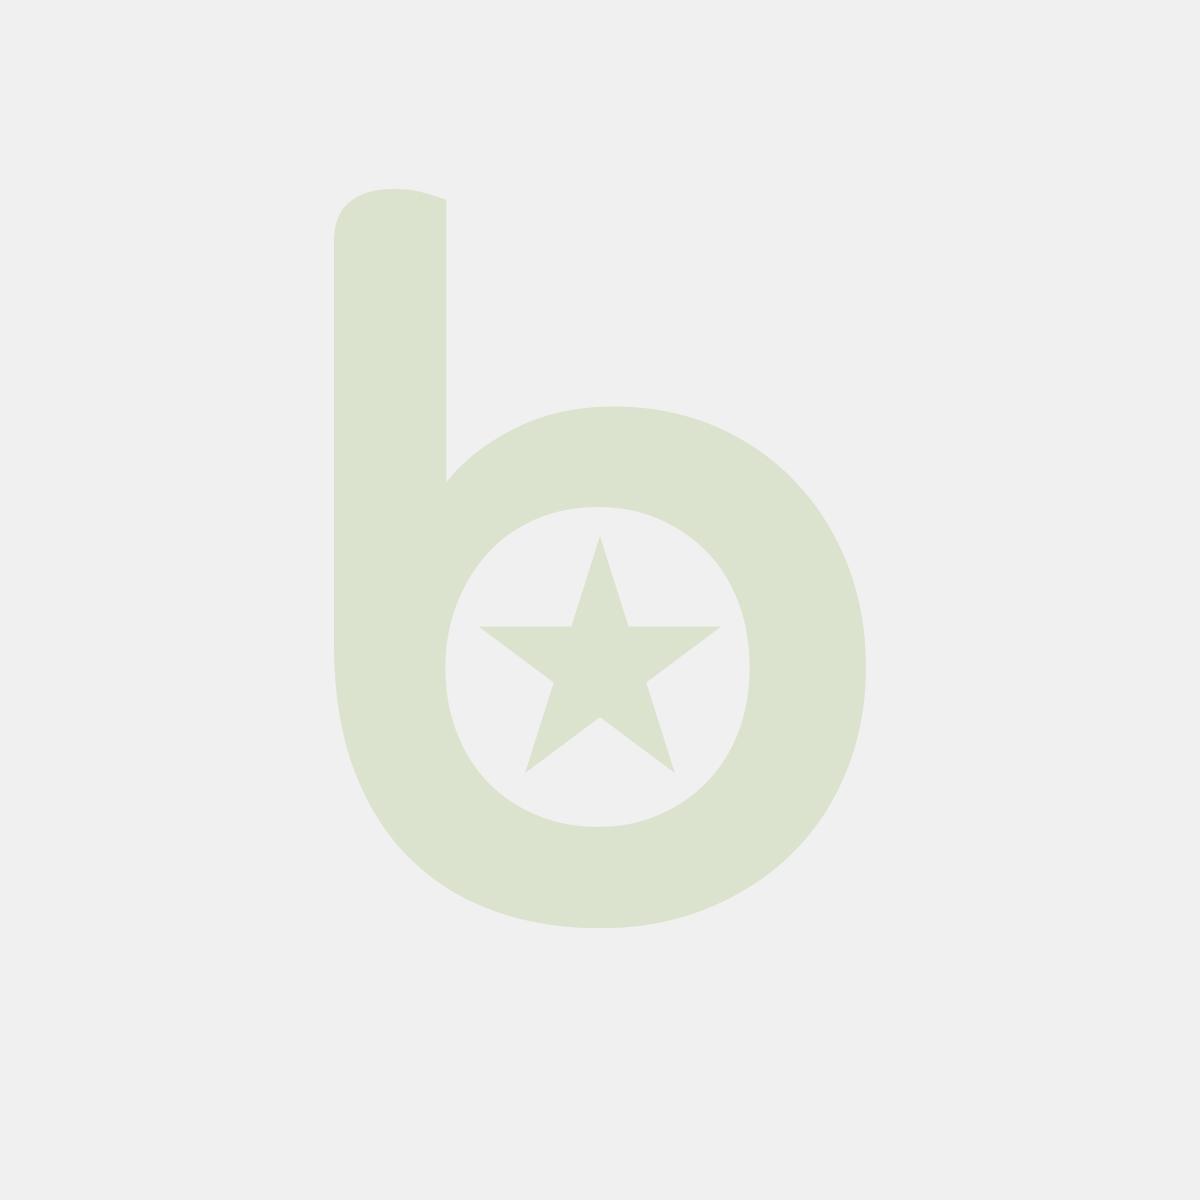 Miseczka kamieniopodobna 14x8x2,5cm czarna, melamina